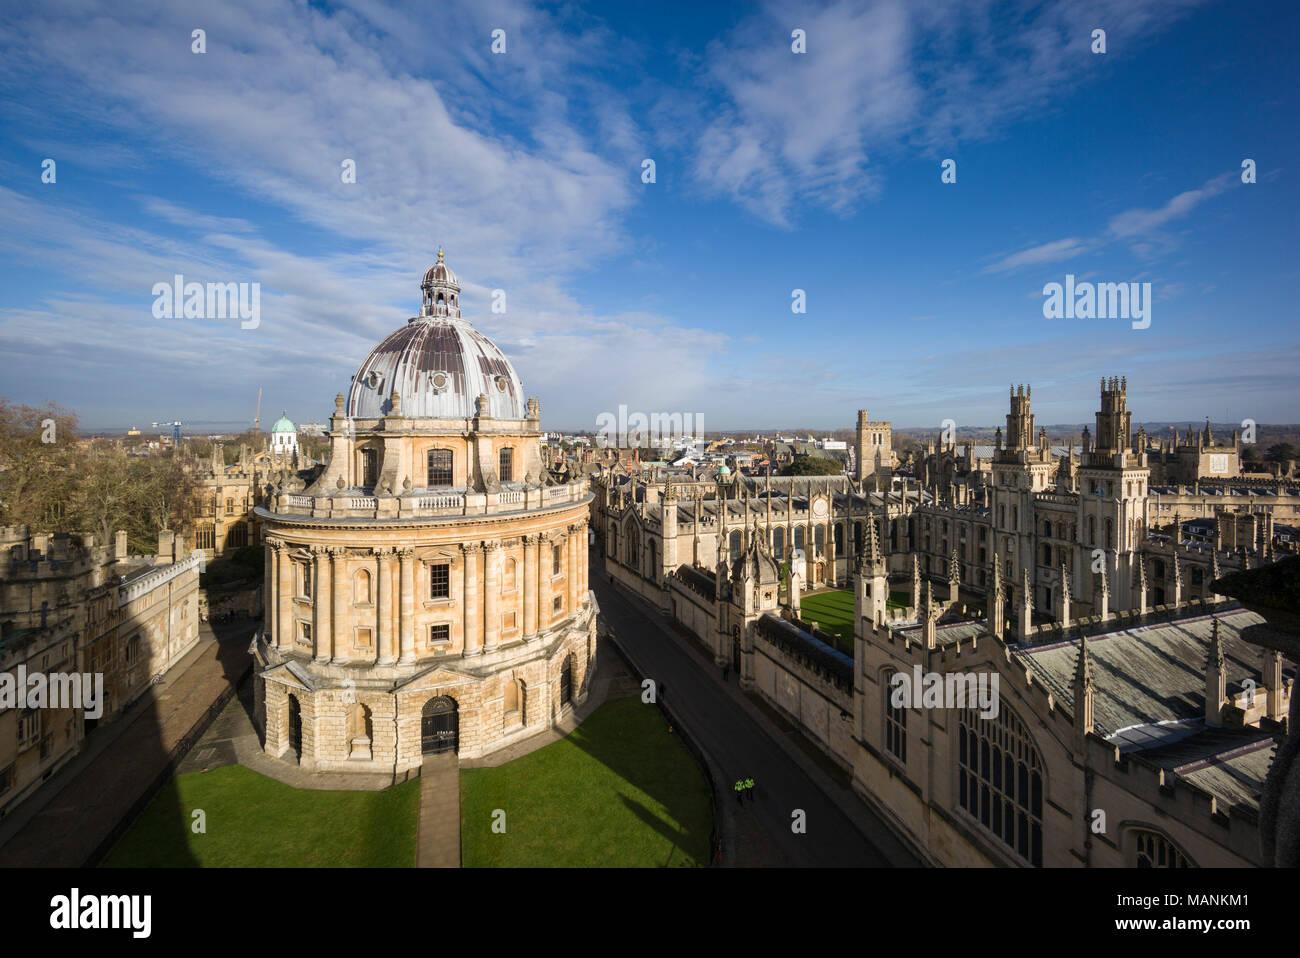 Oxford. L'Angleterre. Avis de Radcliffe Camera, Radcliffe Square avec l'All Souls College à droite. Conçu par James Gibbs, construit 1737-49 à la maison Photo Stock